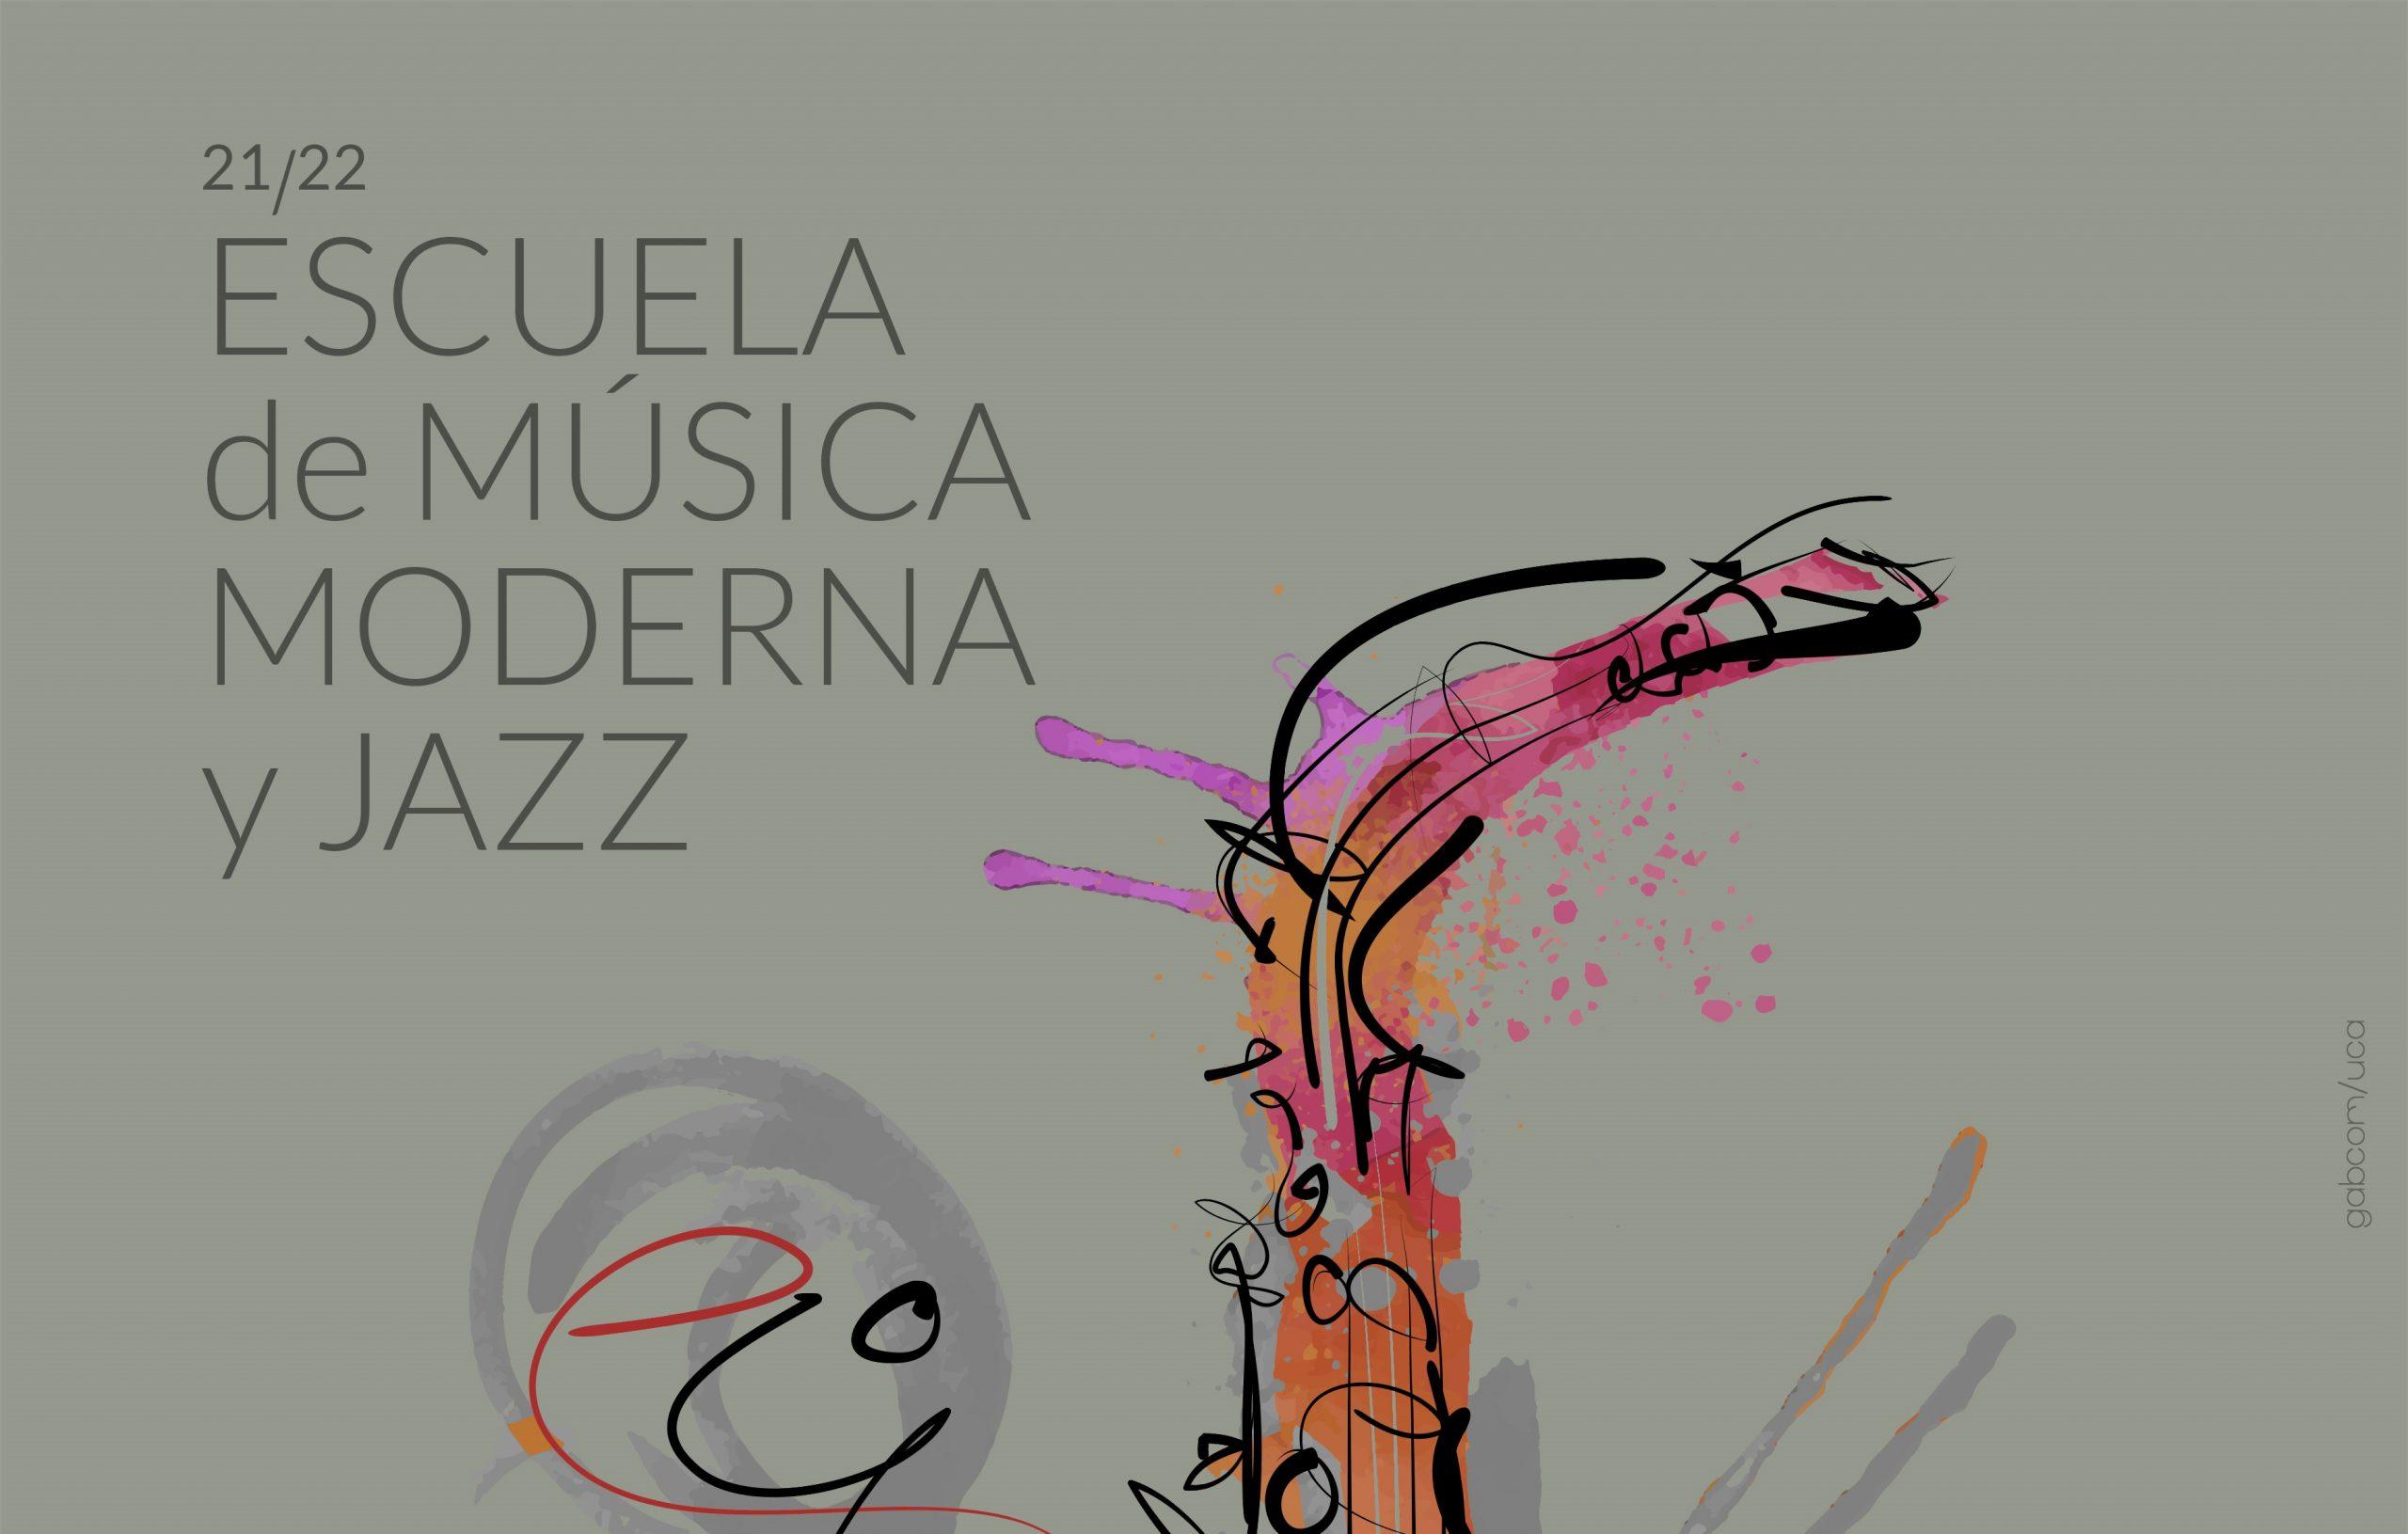 La Escuela de Música Moderna y Jazz de la Universidad de Cádiz presenta su programación para el curso 2021/2022 con un concierto de apertura